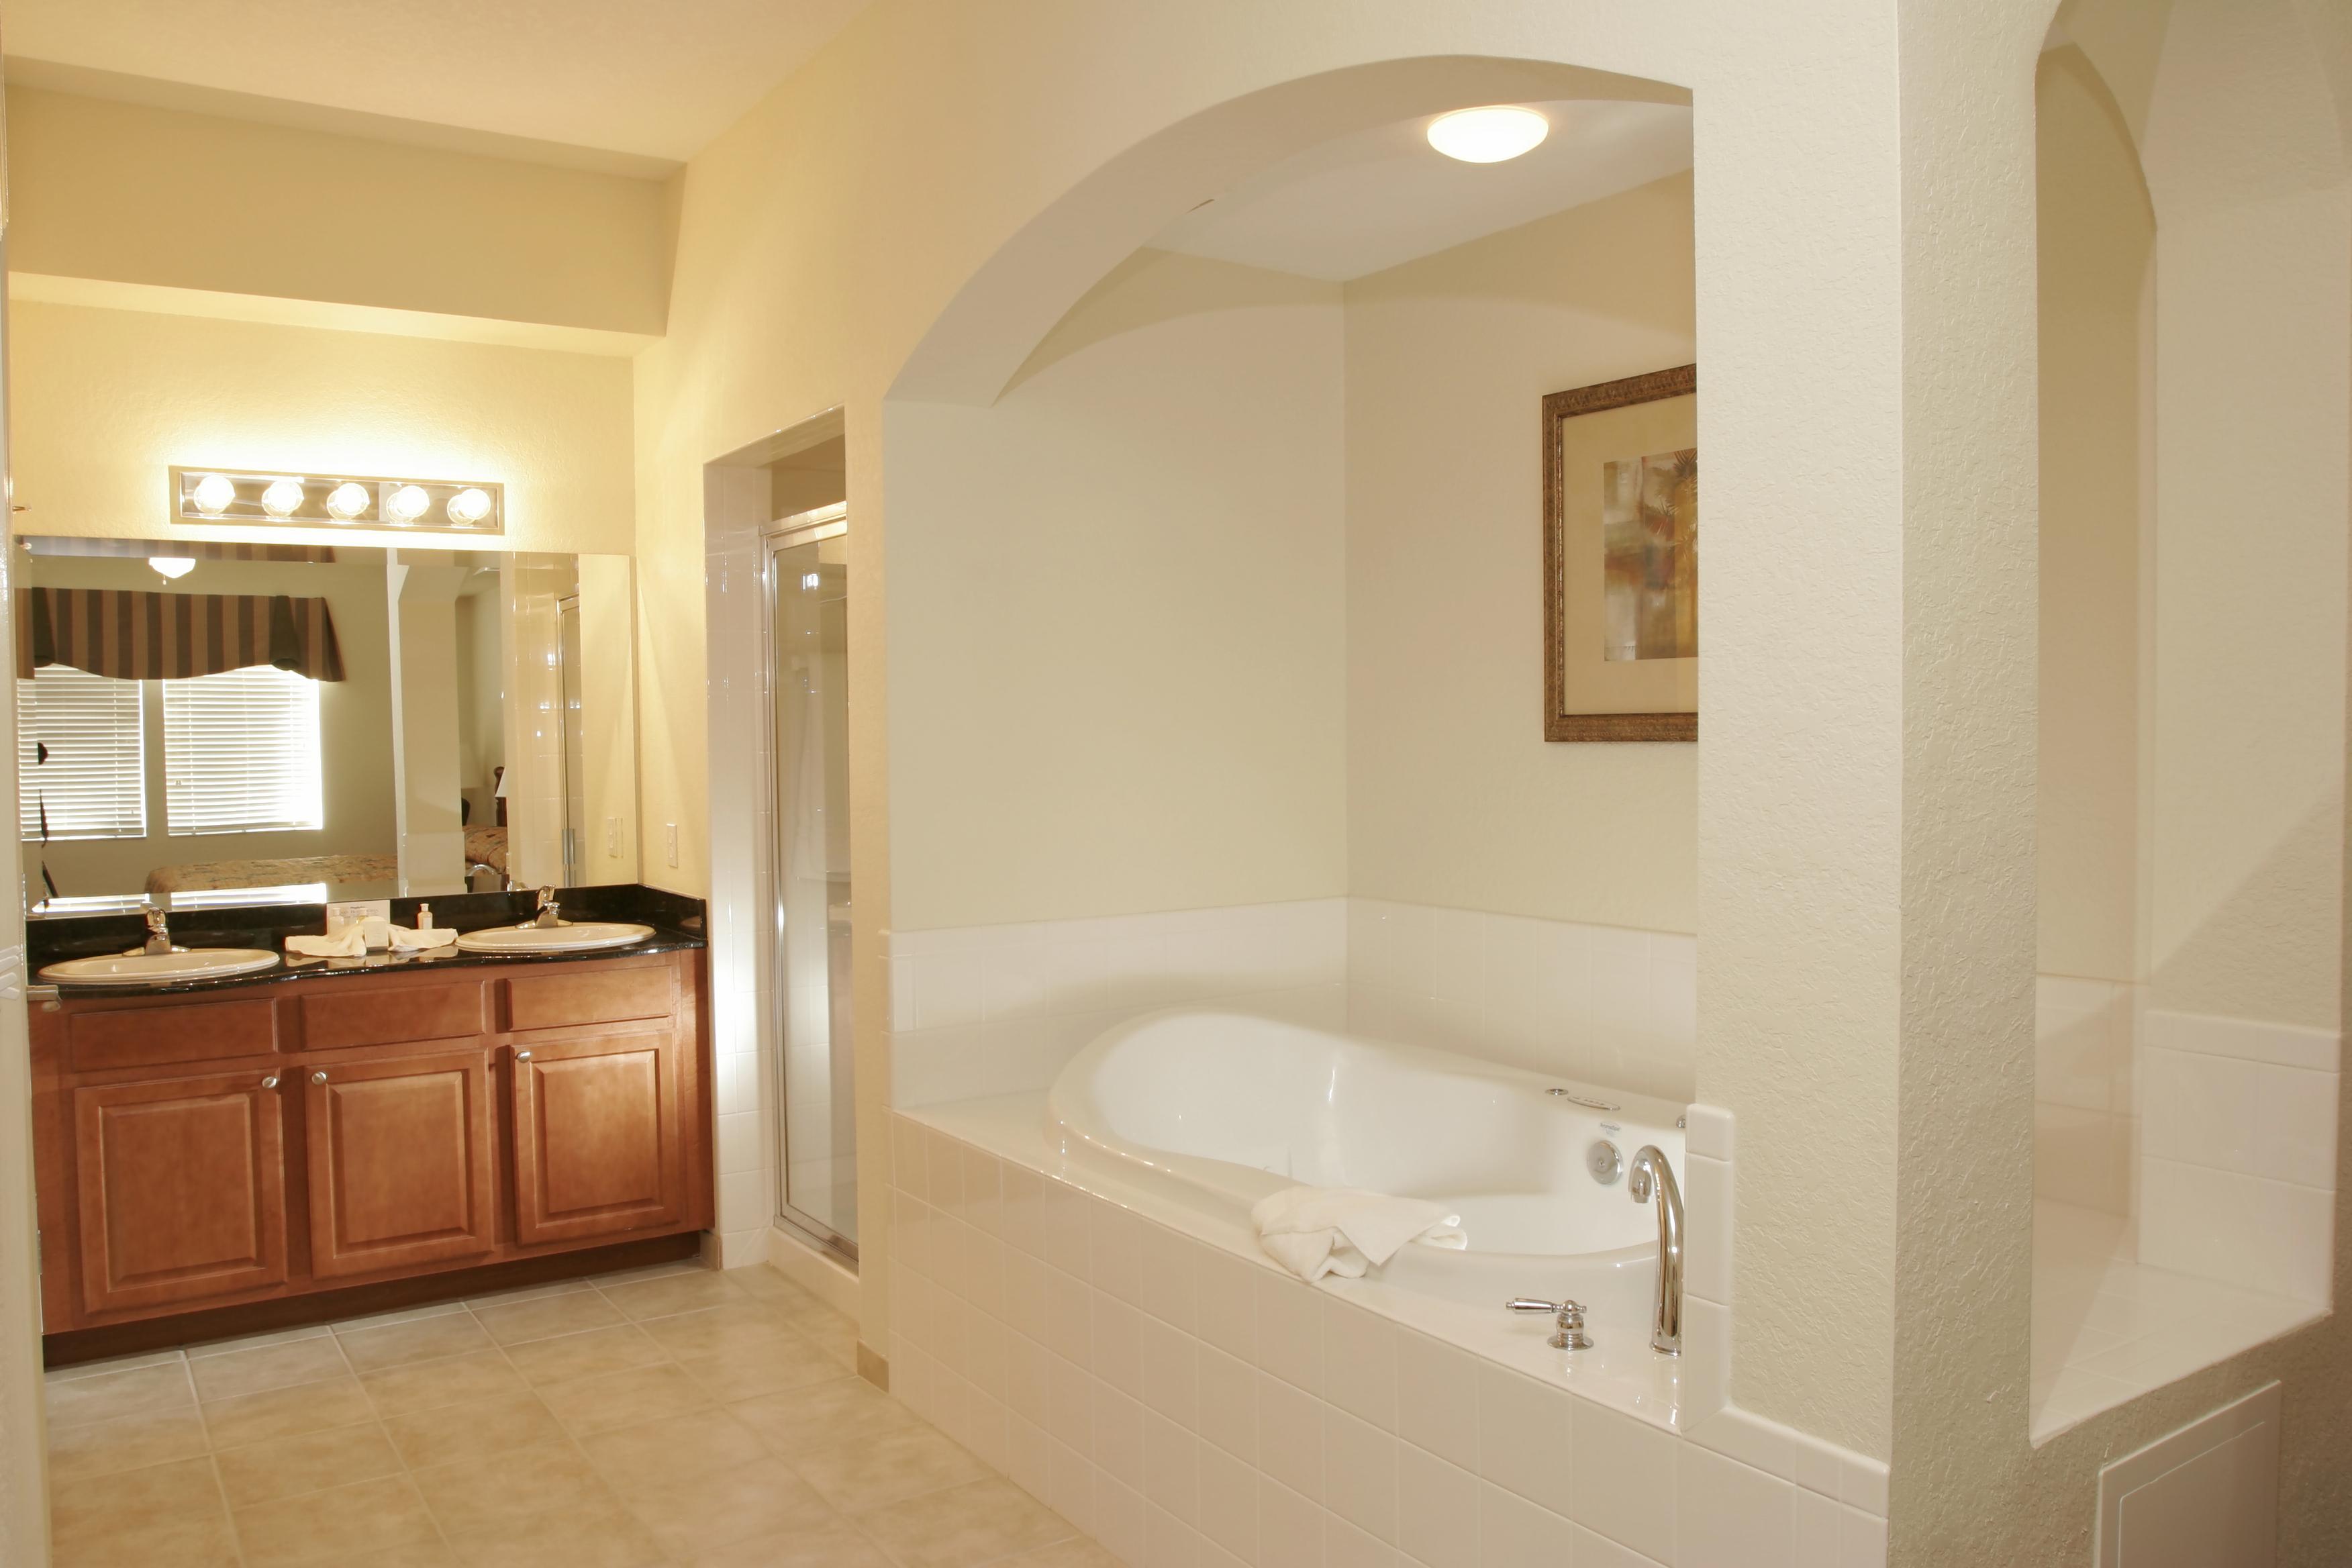 Florida condo orlando condo condominiums for sale for Village bathroom photos